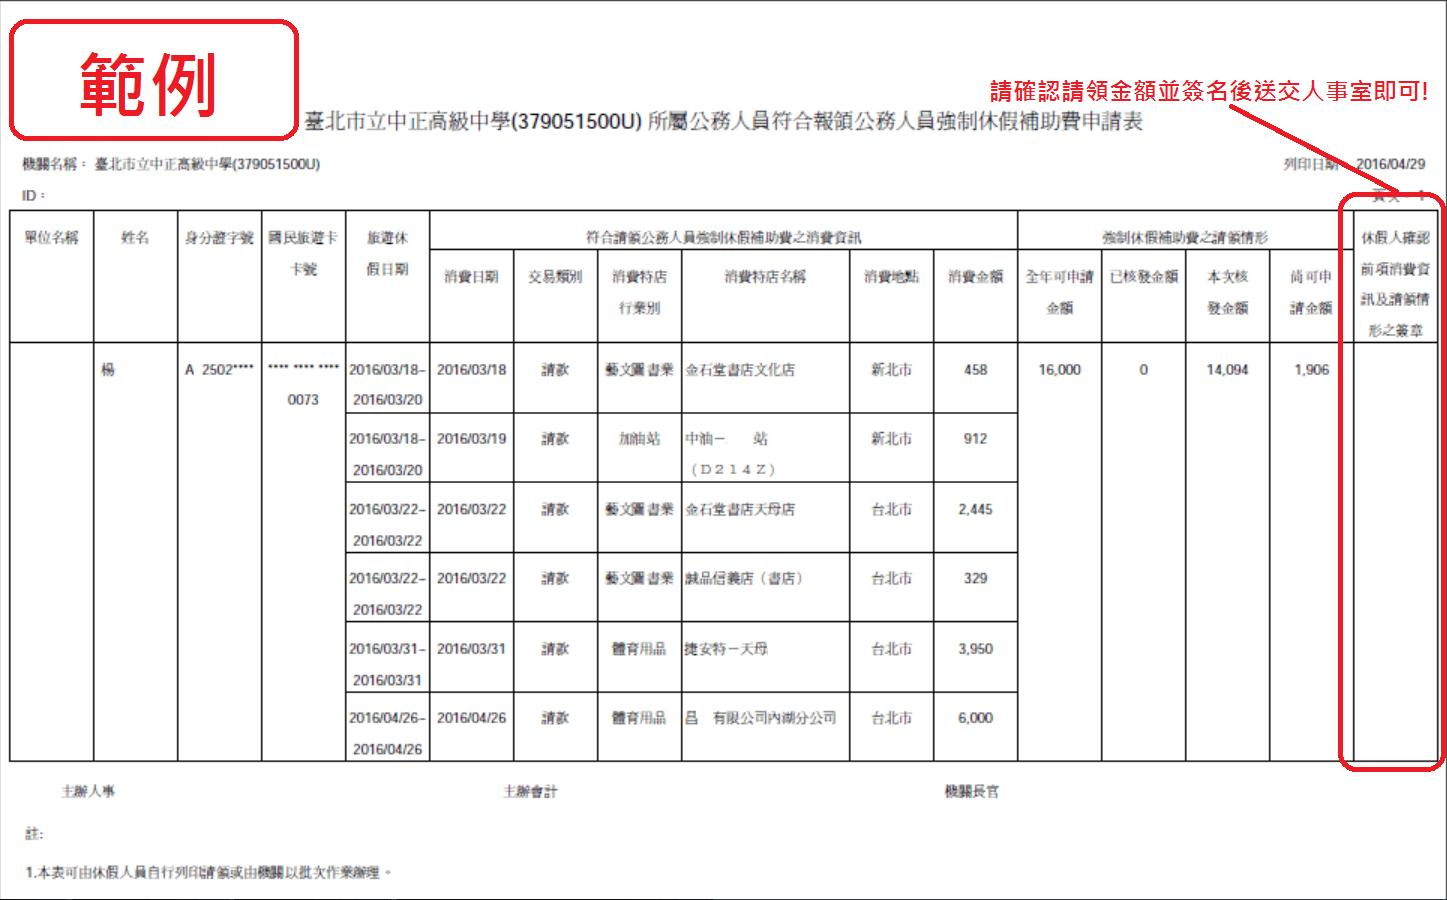 最新消息 - 臺北市立中正高中人事室